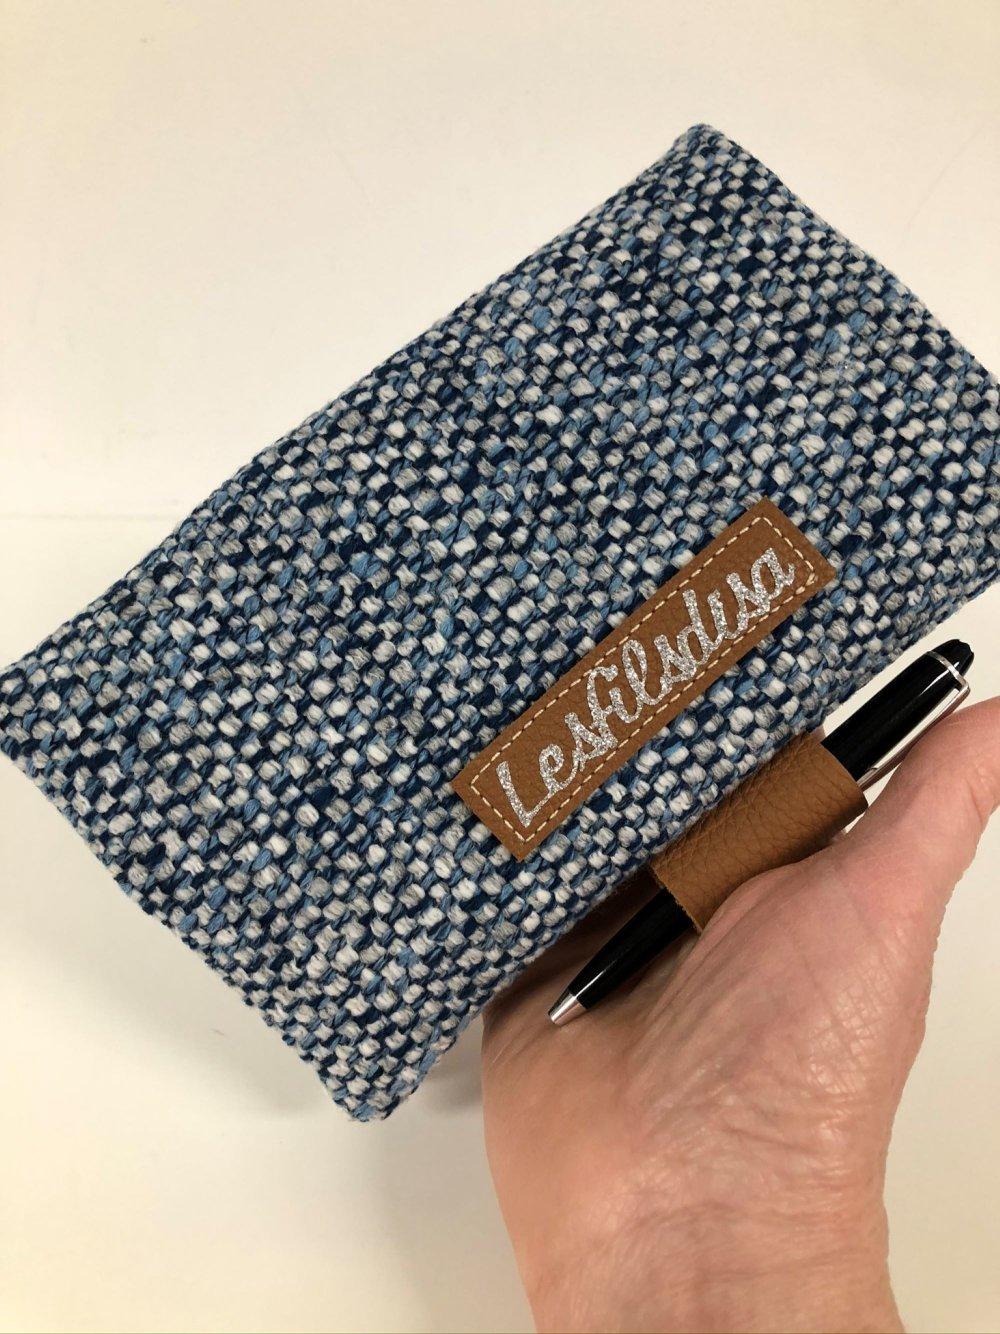 Porte chéquier bleu avec porte stylo cuir fauve / Etui chéquier en toile, personnalisable / Housse carnet chèques